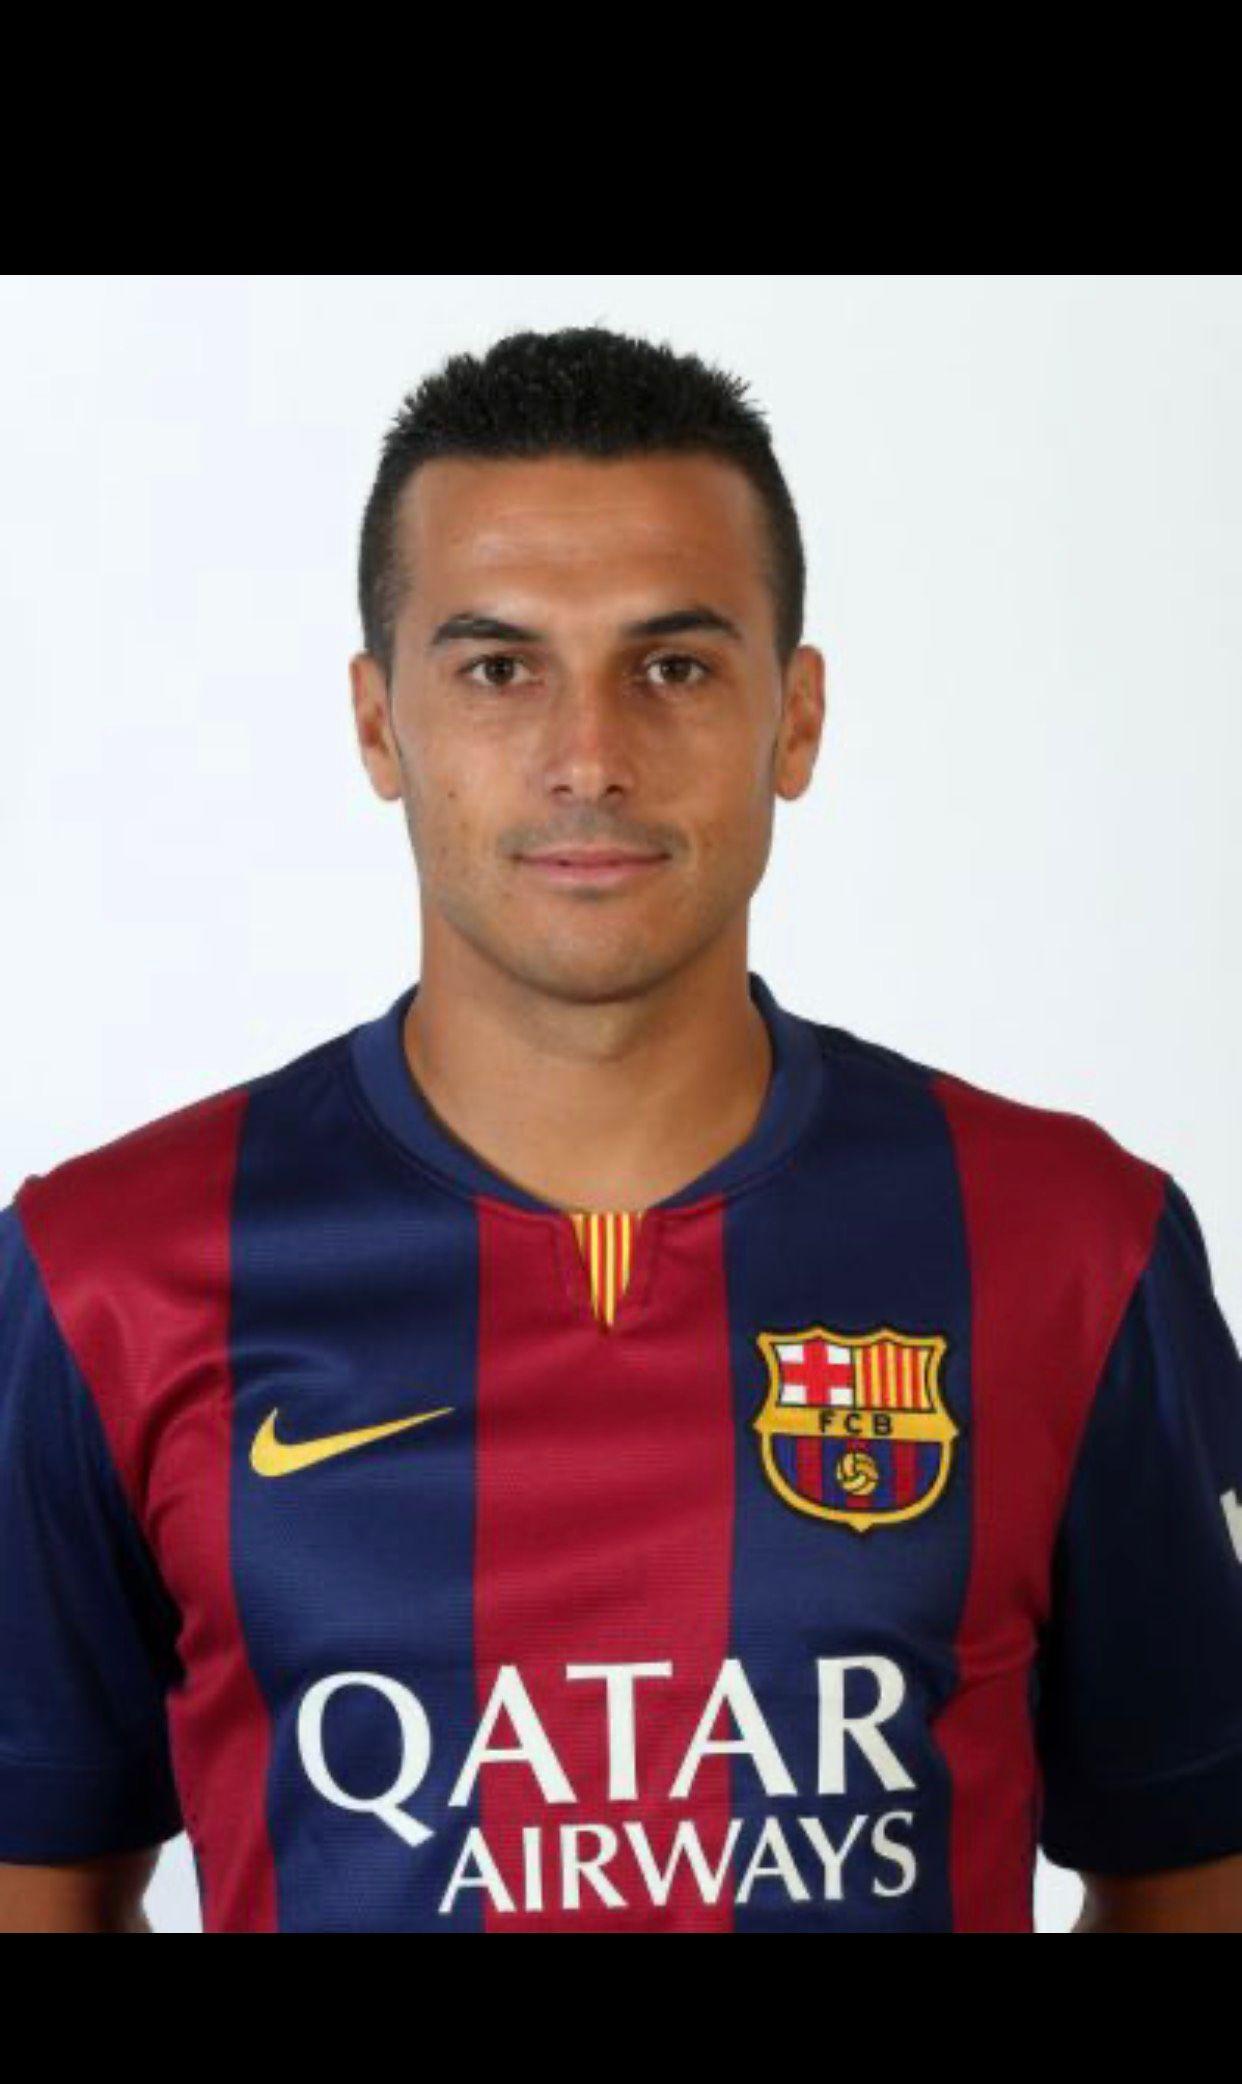 今天是你的生日:西班牙足球运动员佩德罗·罗德里格斯·雷德斯马